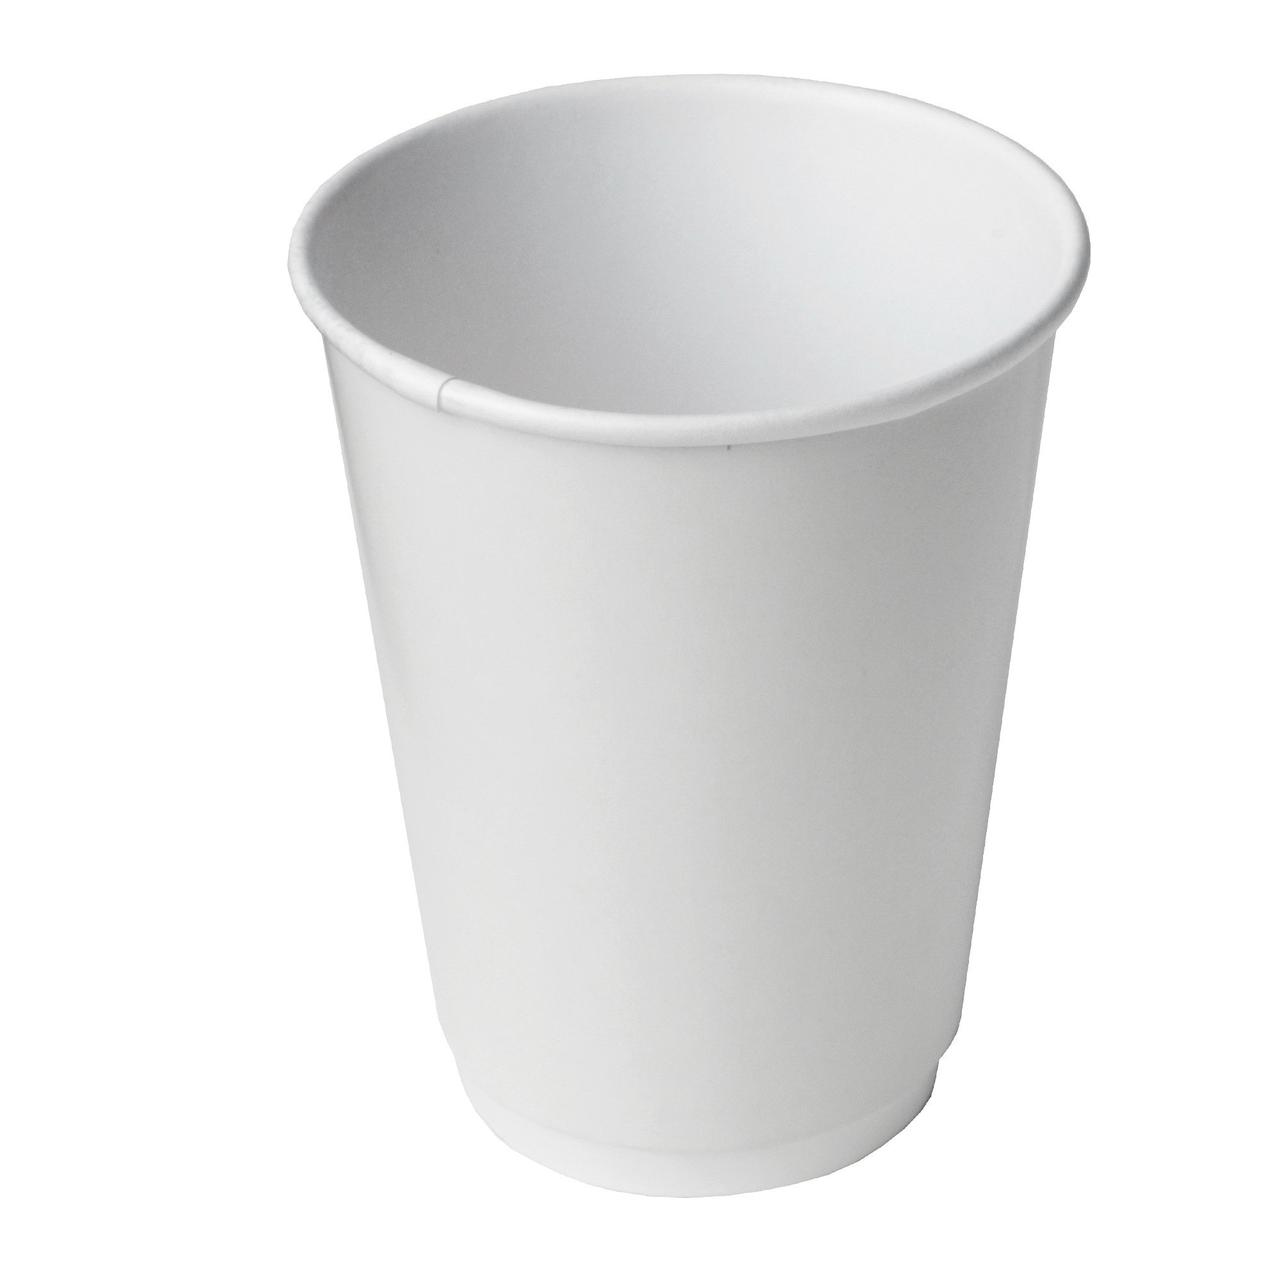 Стакан для холодного и горячего, 0.4/0.518л, без печати, белый, картон, двухслойный, 360 шт